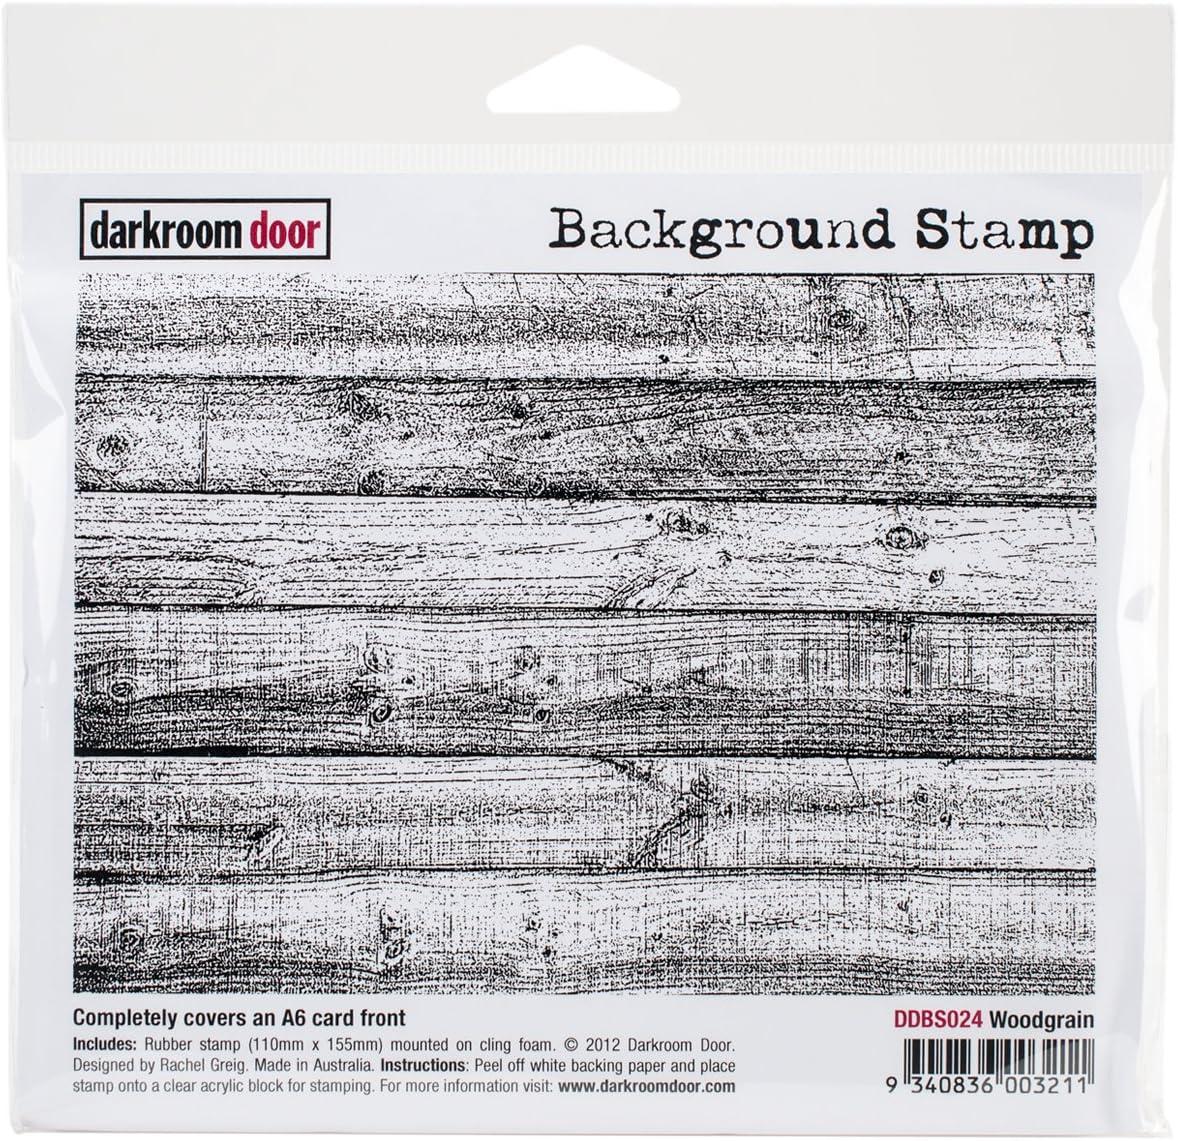 Darkroom Door Background Cling Stamp 4x6-Woodgrain